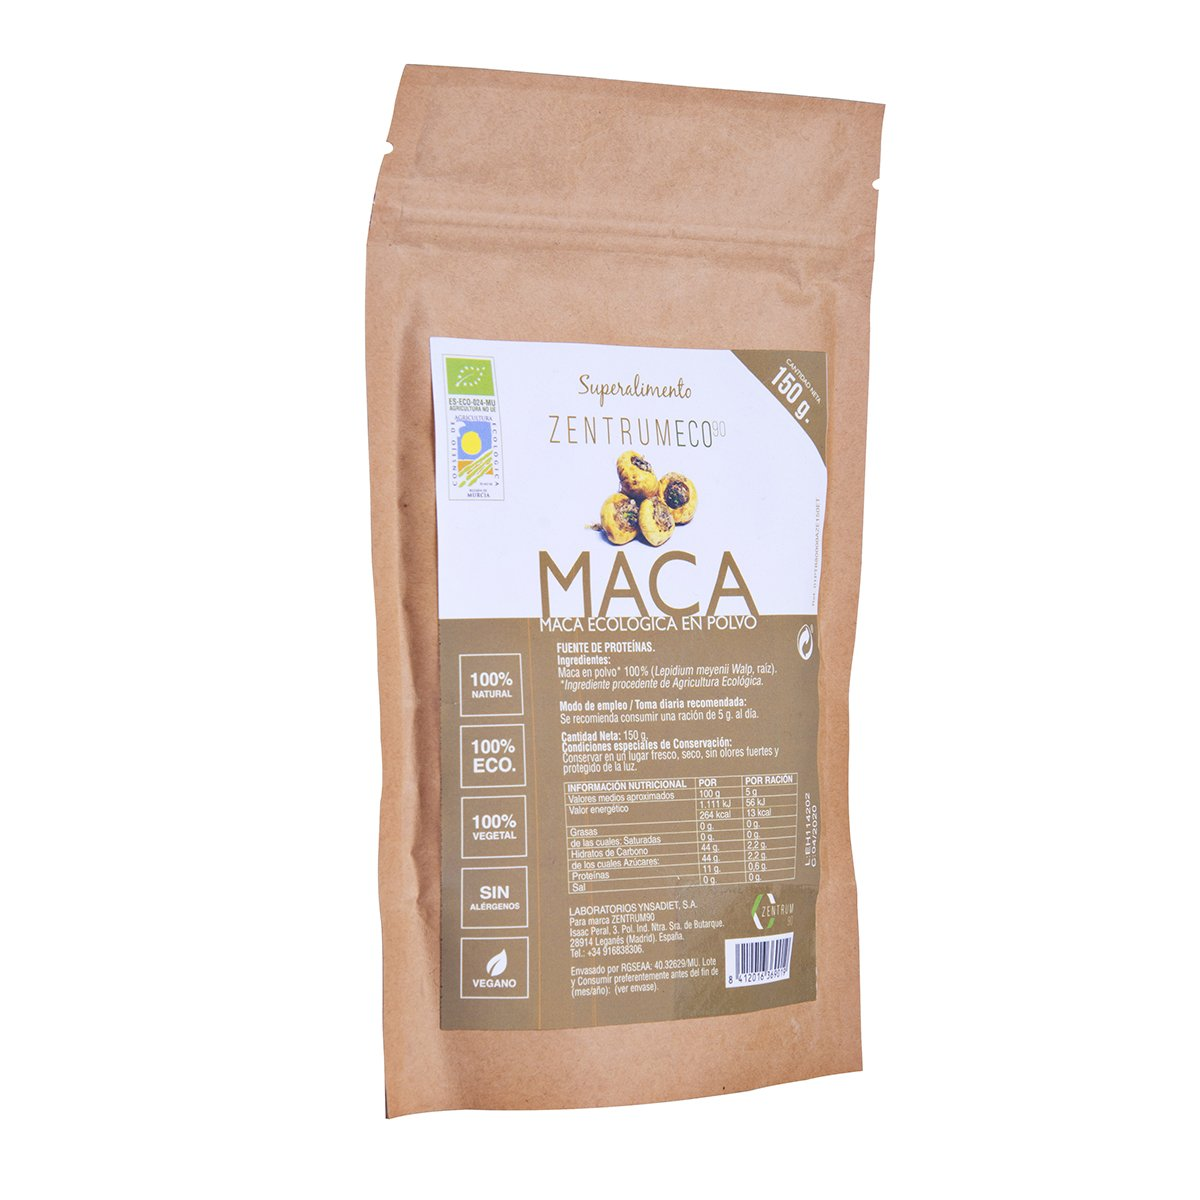 Maca en polvo ecológica para mejorar la memoria, la libido y el deseo sexual – Superalimento vegano libre de alérgenos – Superfood 100% ecológica para ...